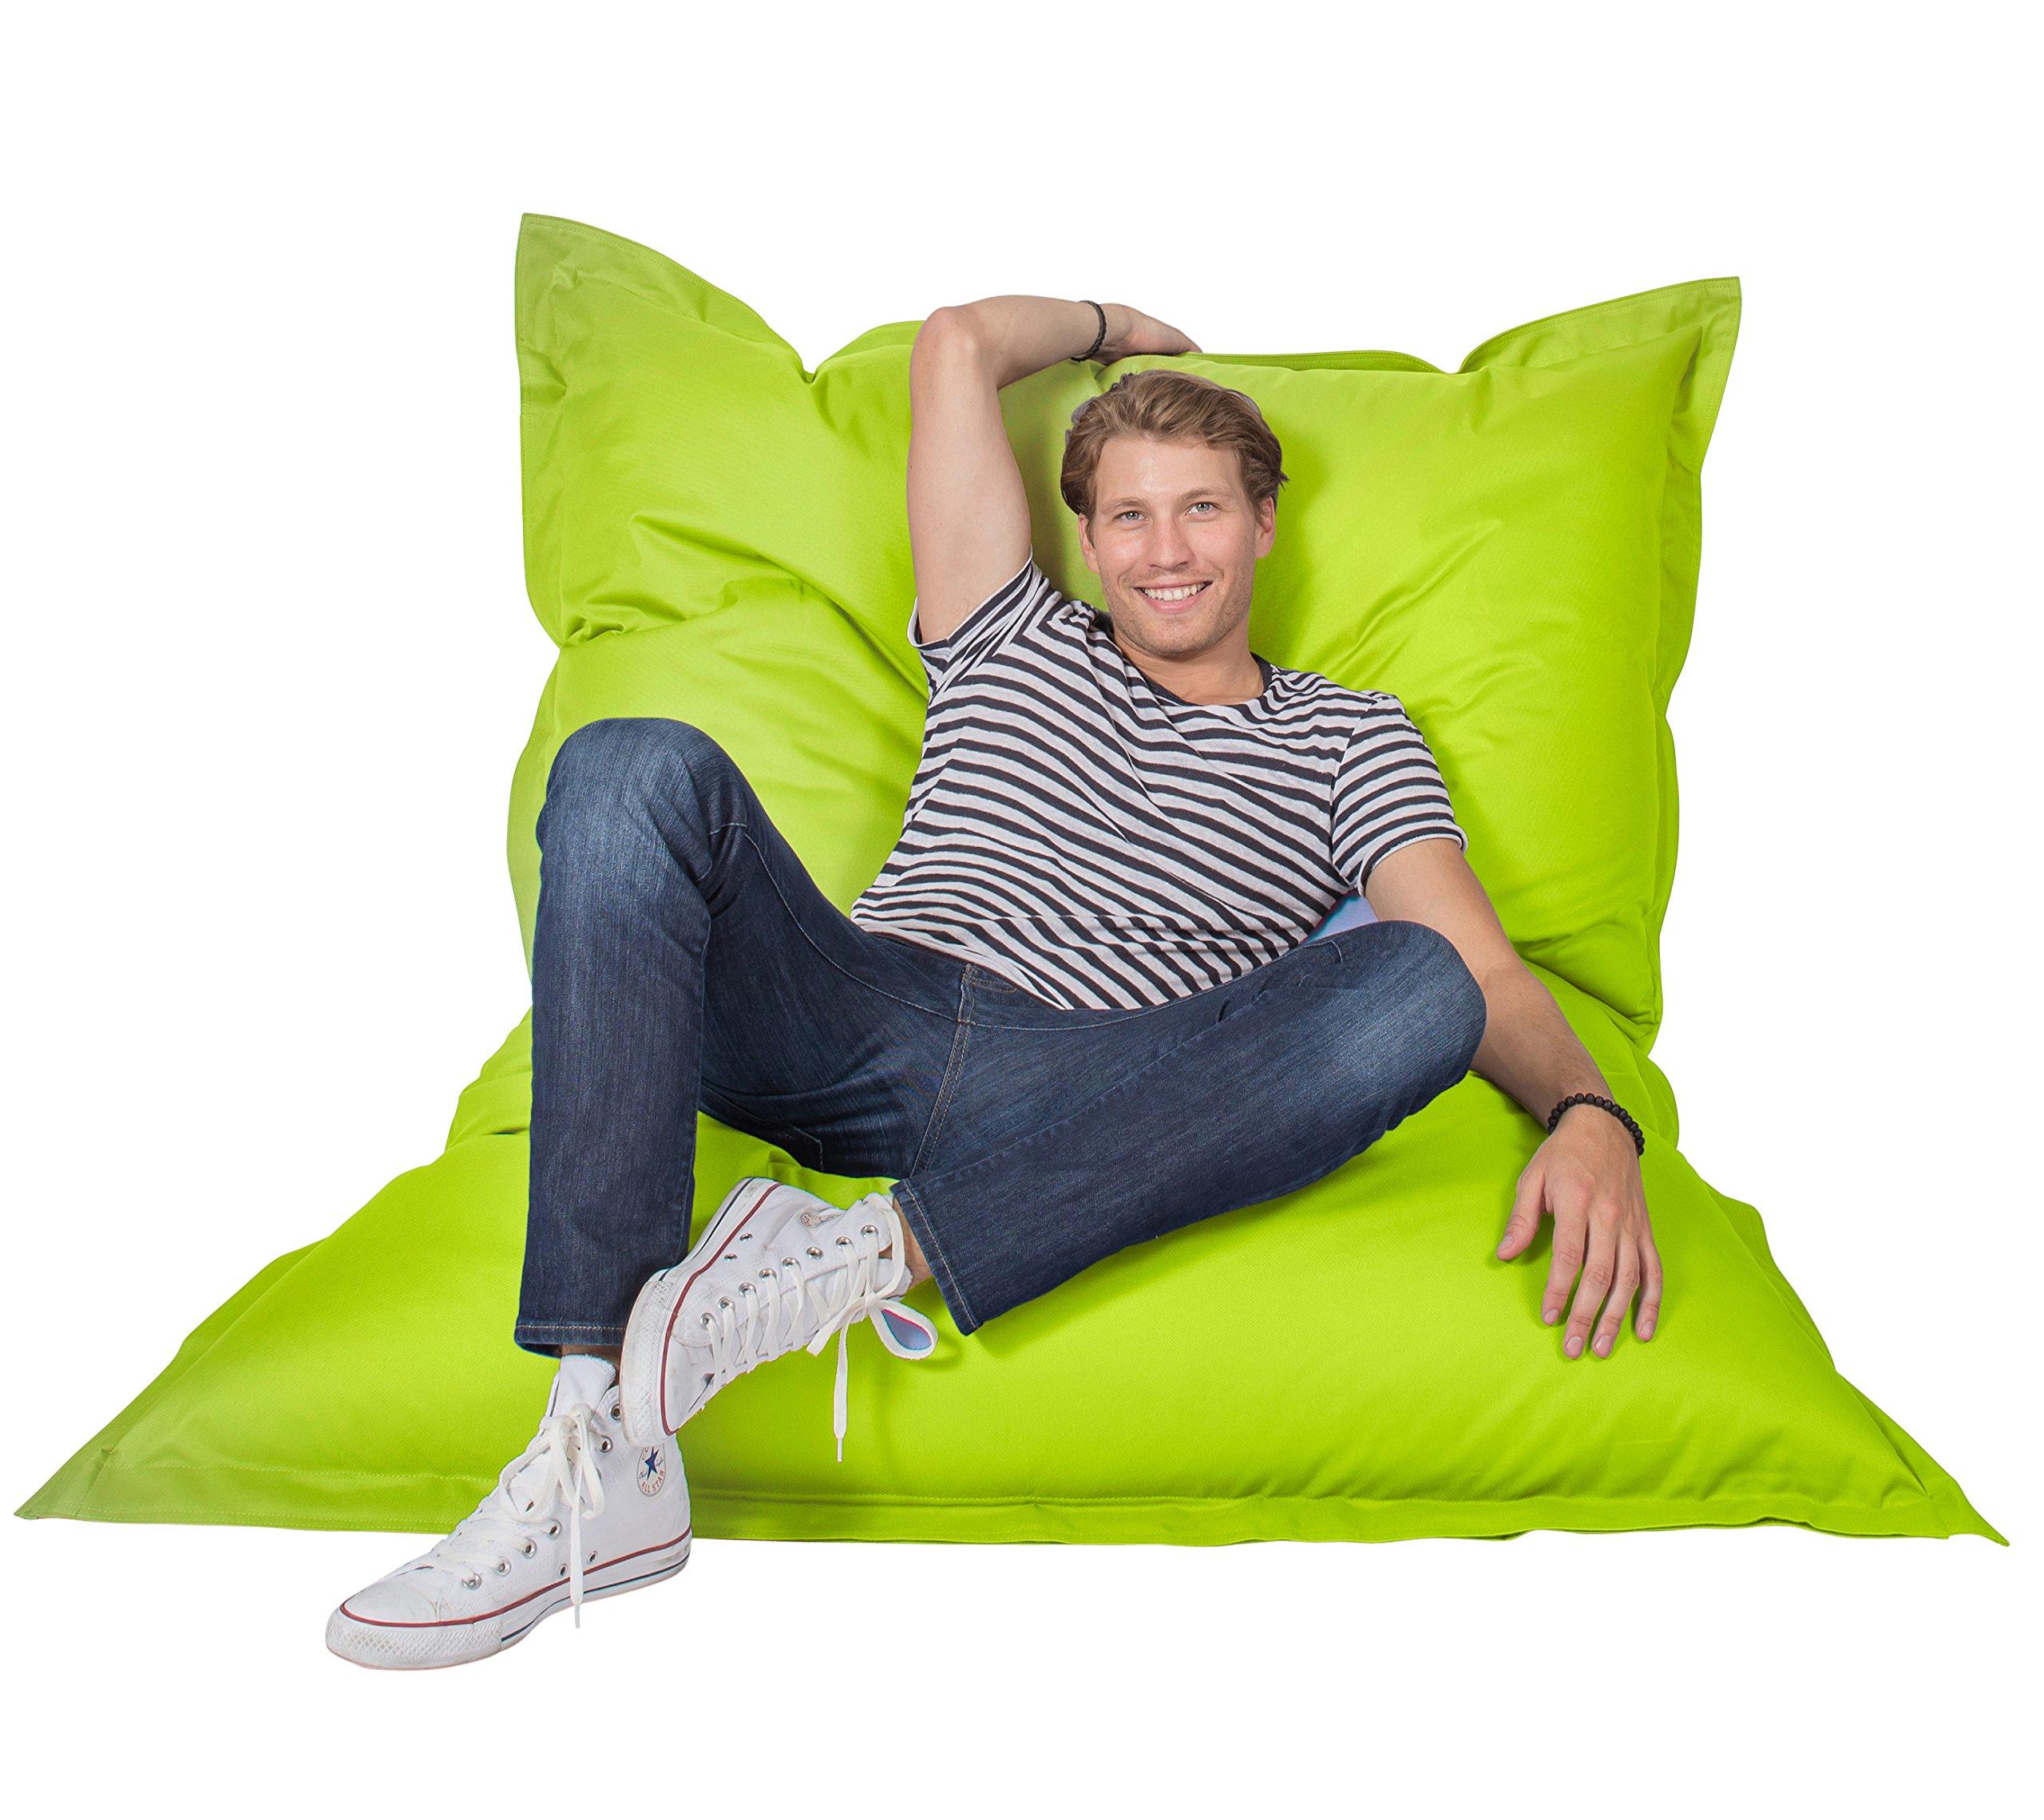 Lumaland Poltrona Sacco Pouf Puff XXL 380l Imbottitura innovativa 140 x 180  cm per Interni ed Esterni Colore Verde Mela